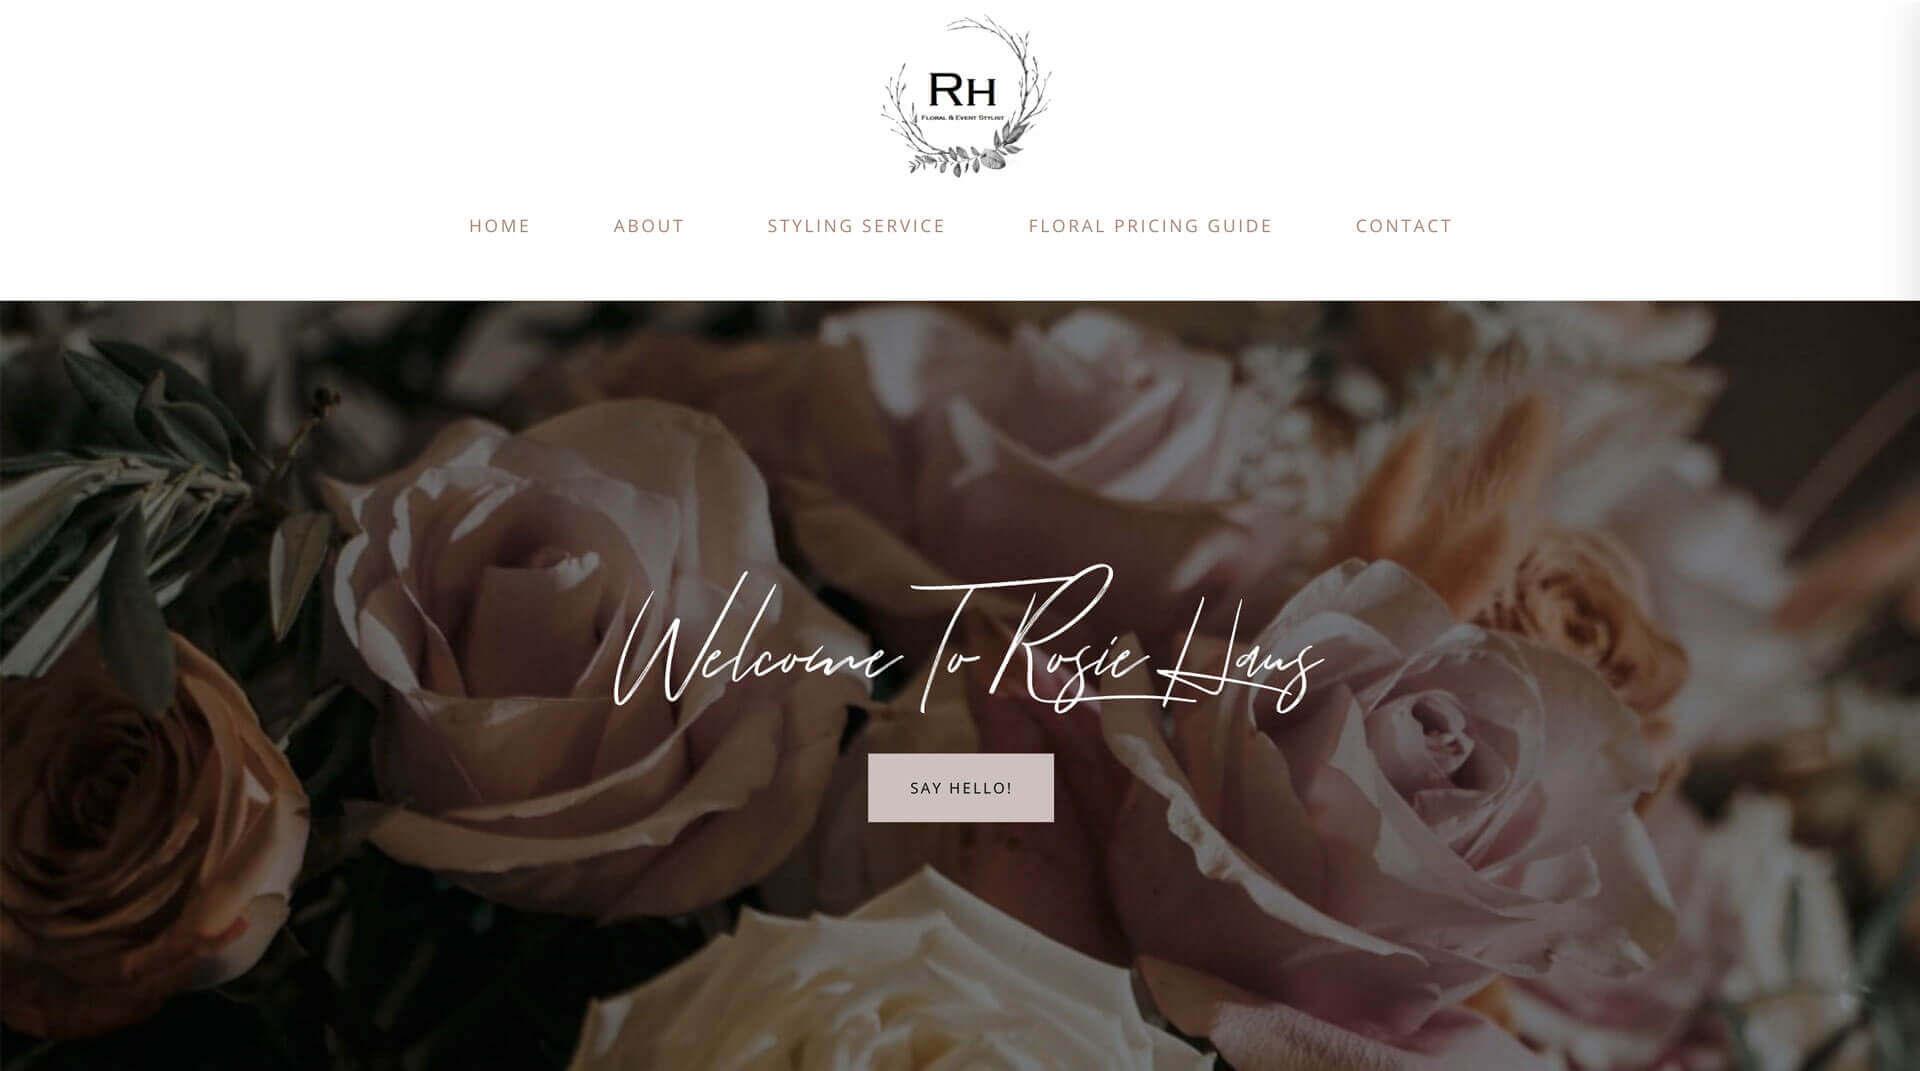 Rosie Haus Florist